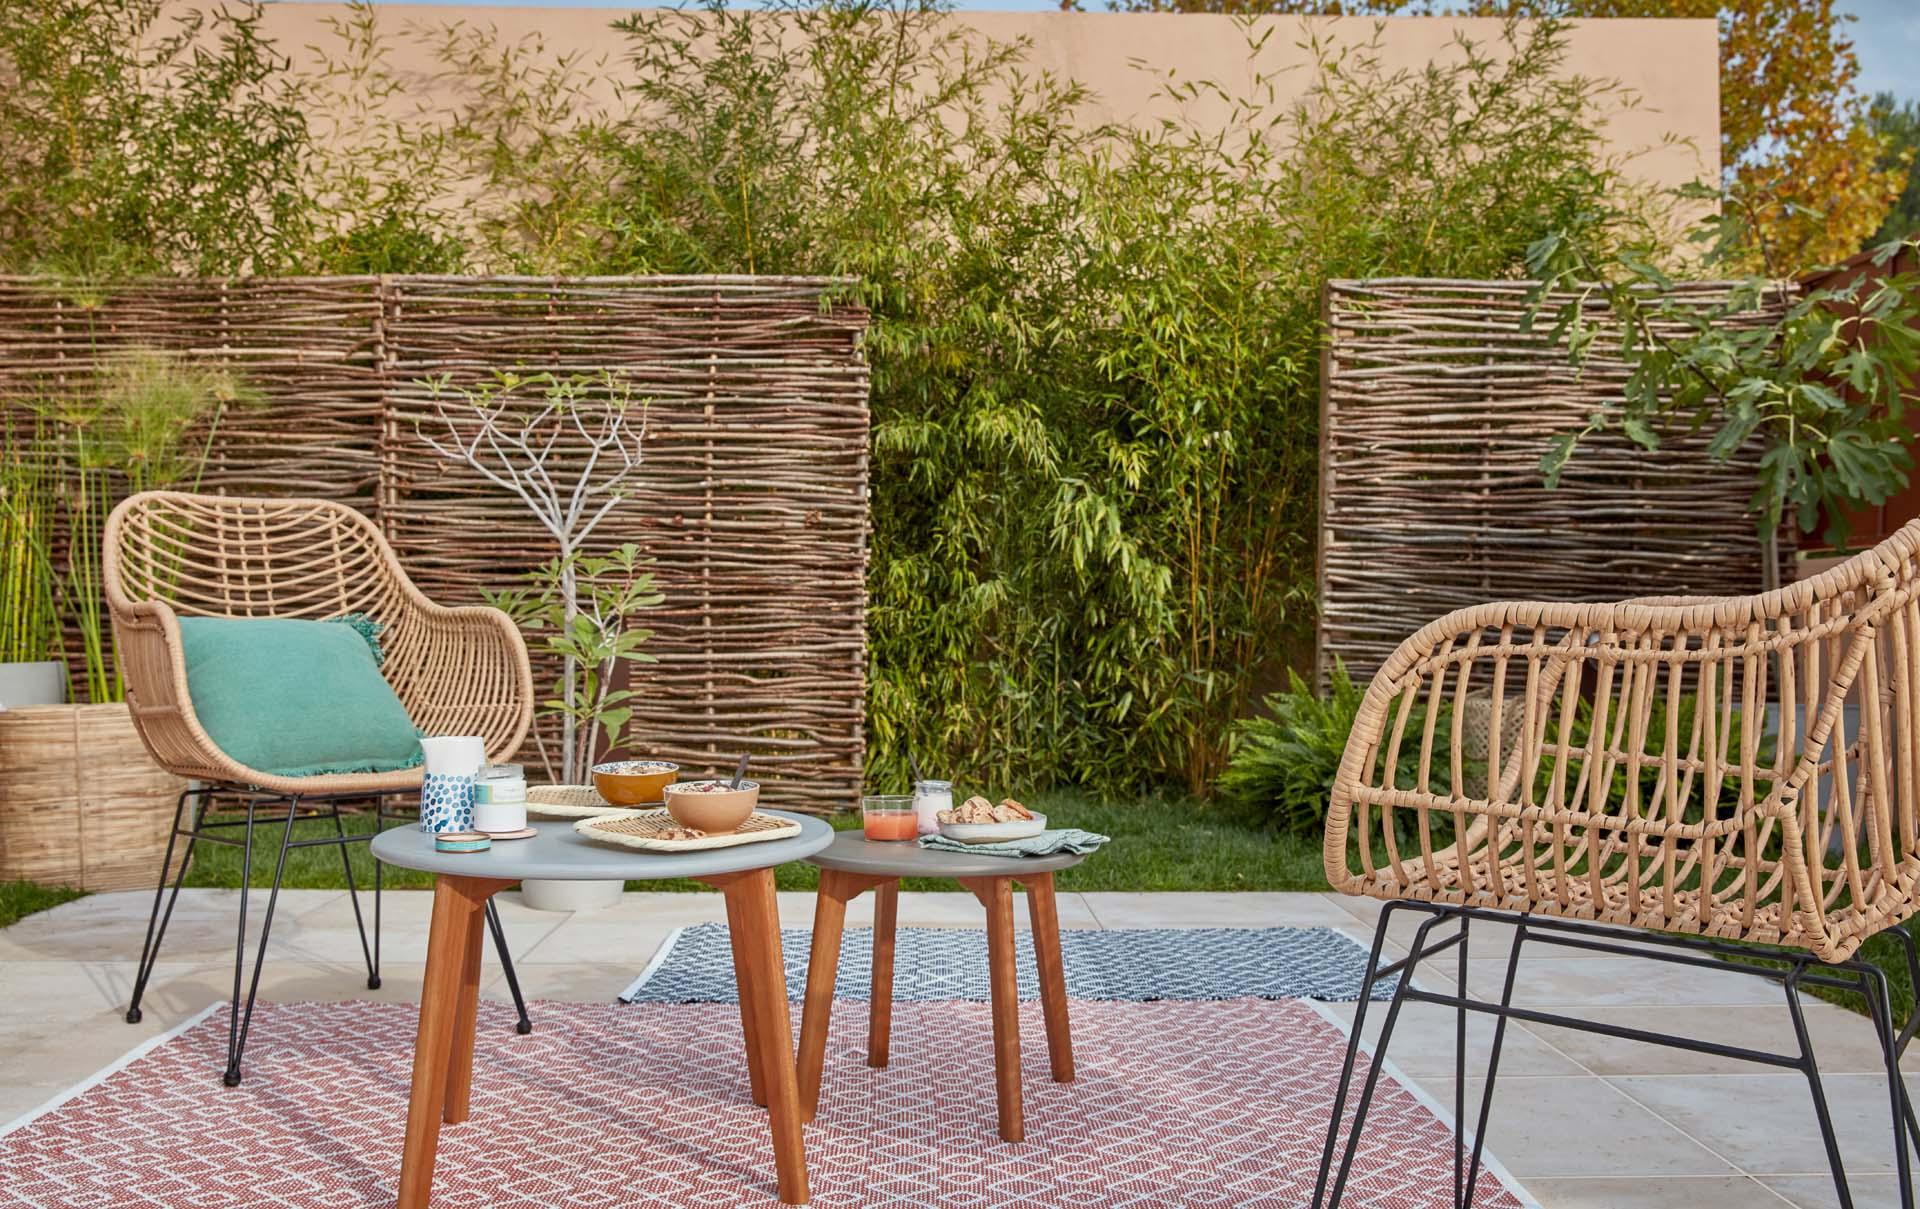 Choisir Et Installer Une Clôture Jardin Bois intérieur Leroy Merlin Paravent Exterieur